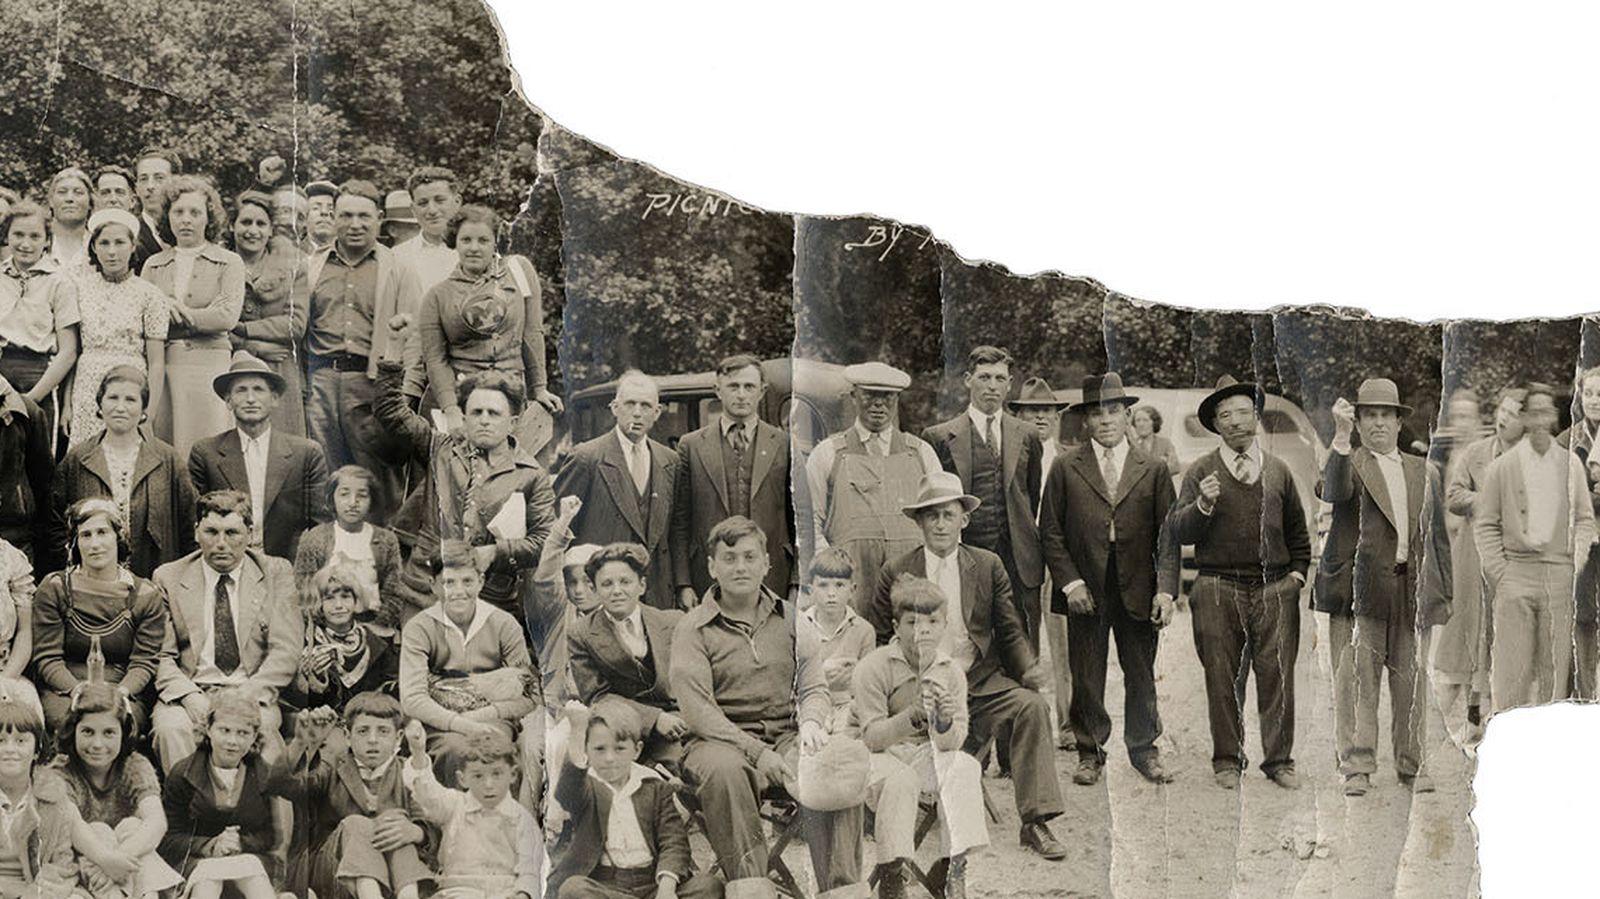 Foto: Gira campestre de mayo de 1937 para beneficio de las viudas y huérfanos de la guerra civil española.